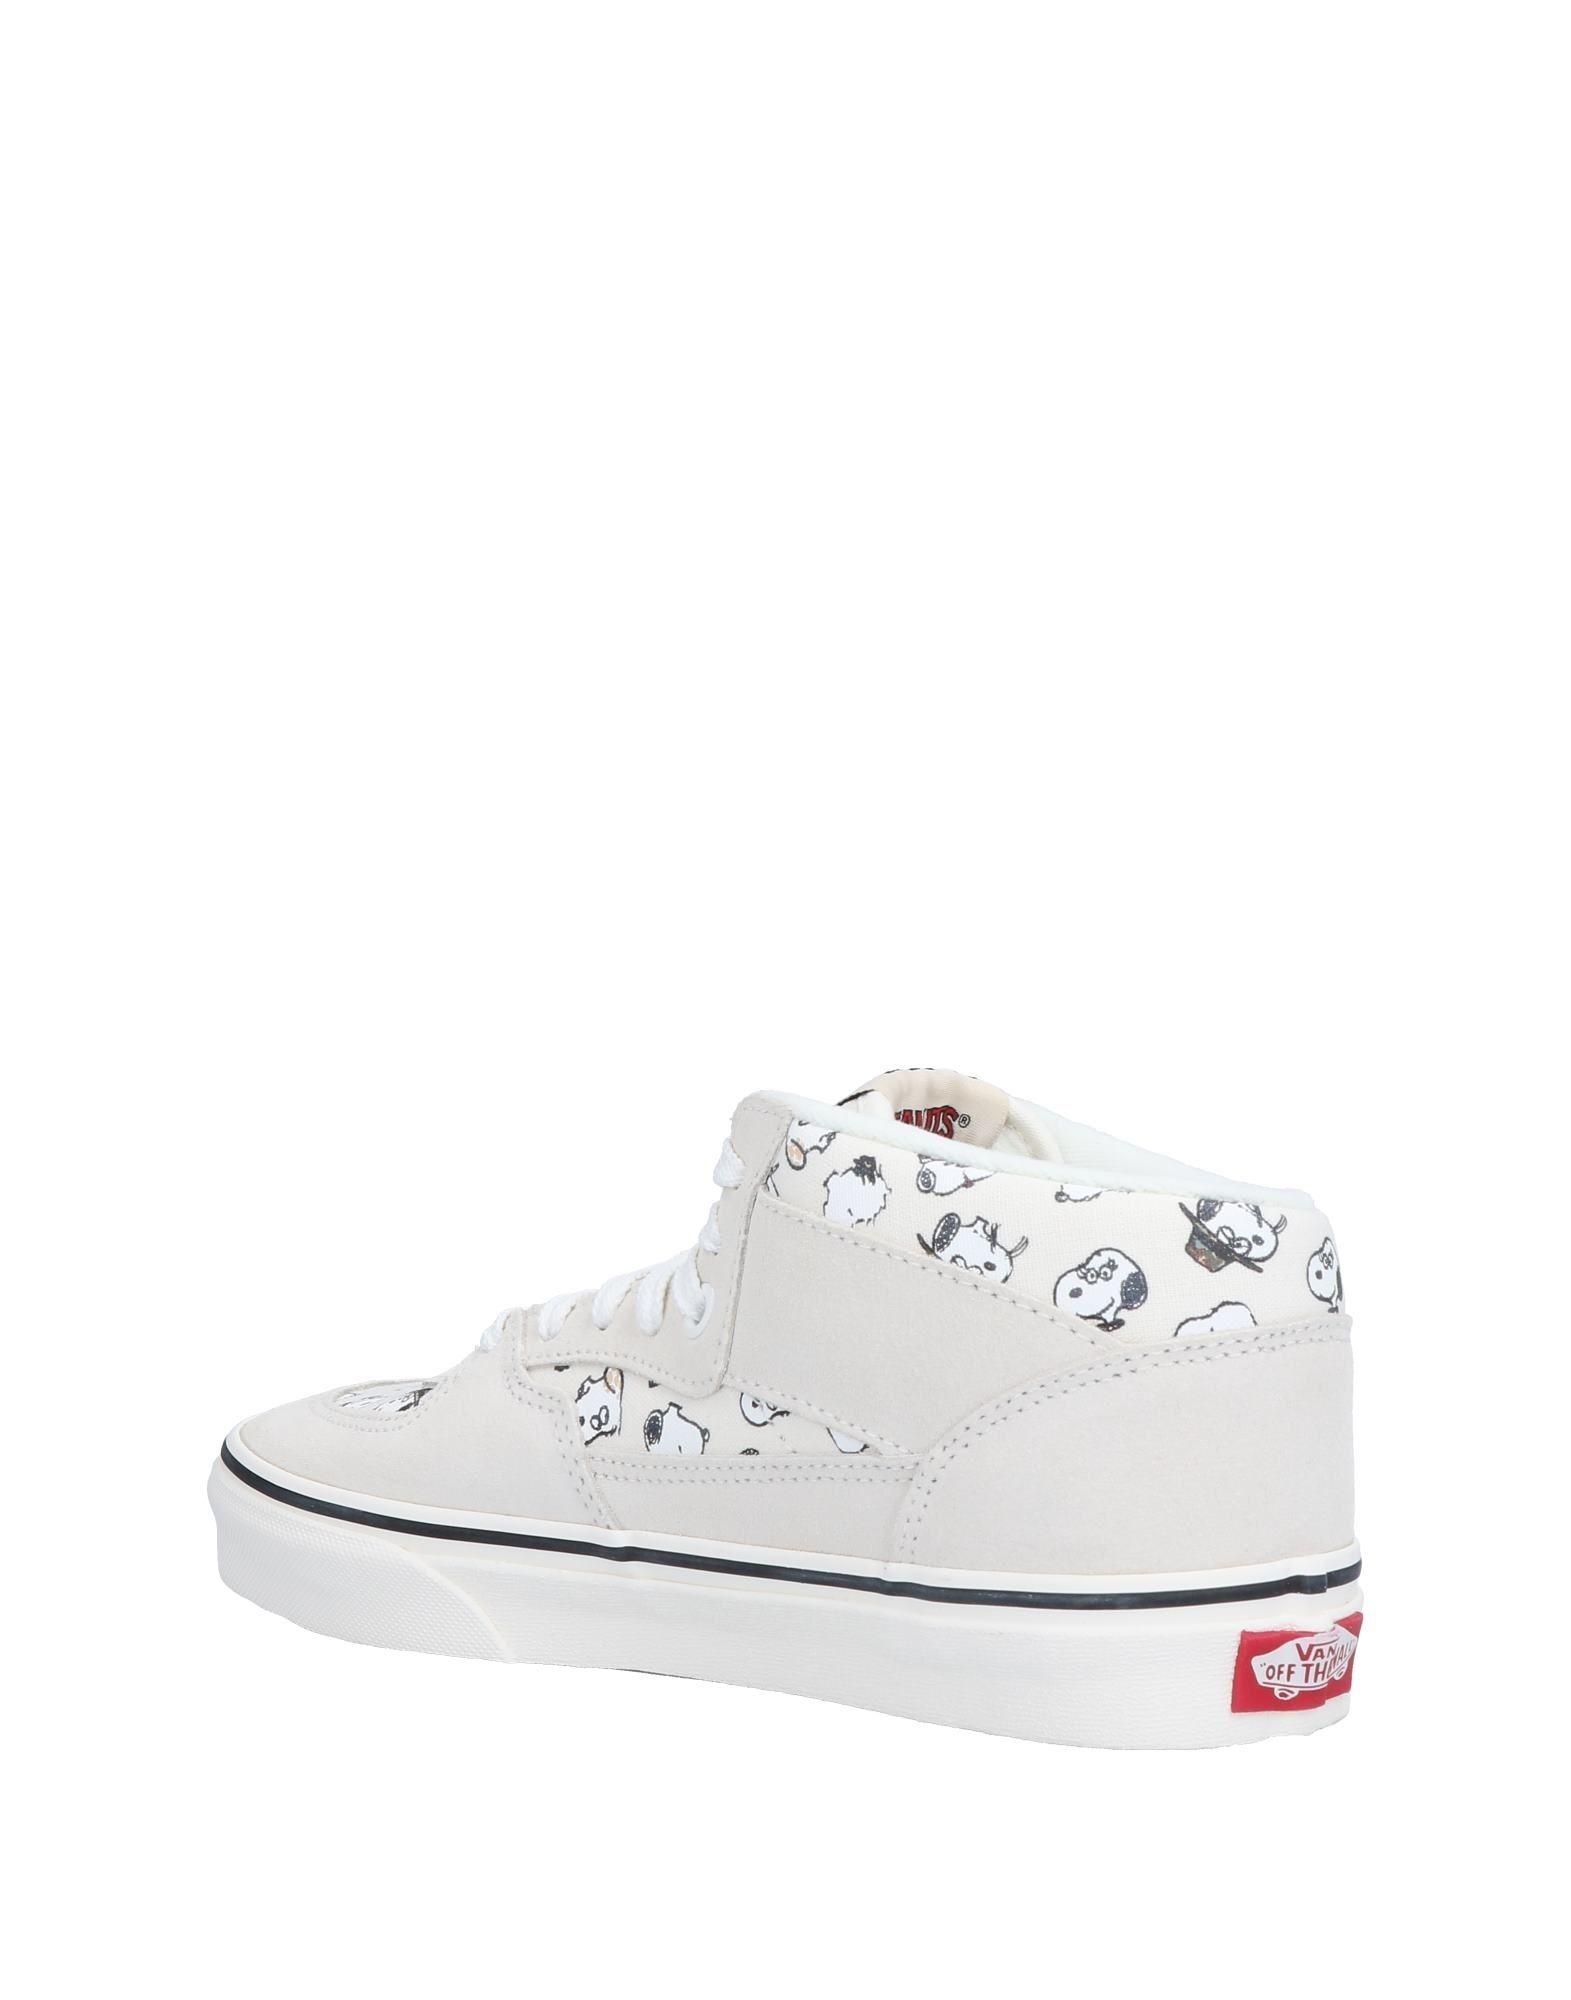 Vans Sneakers Damen  Schuhe 11494893RN Gute Qualität beliebte Schuhe  795d66